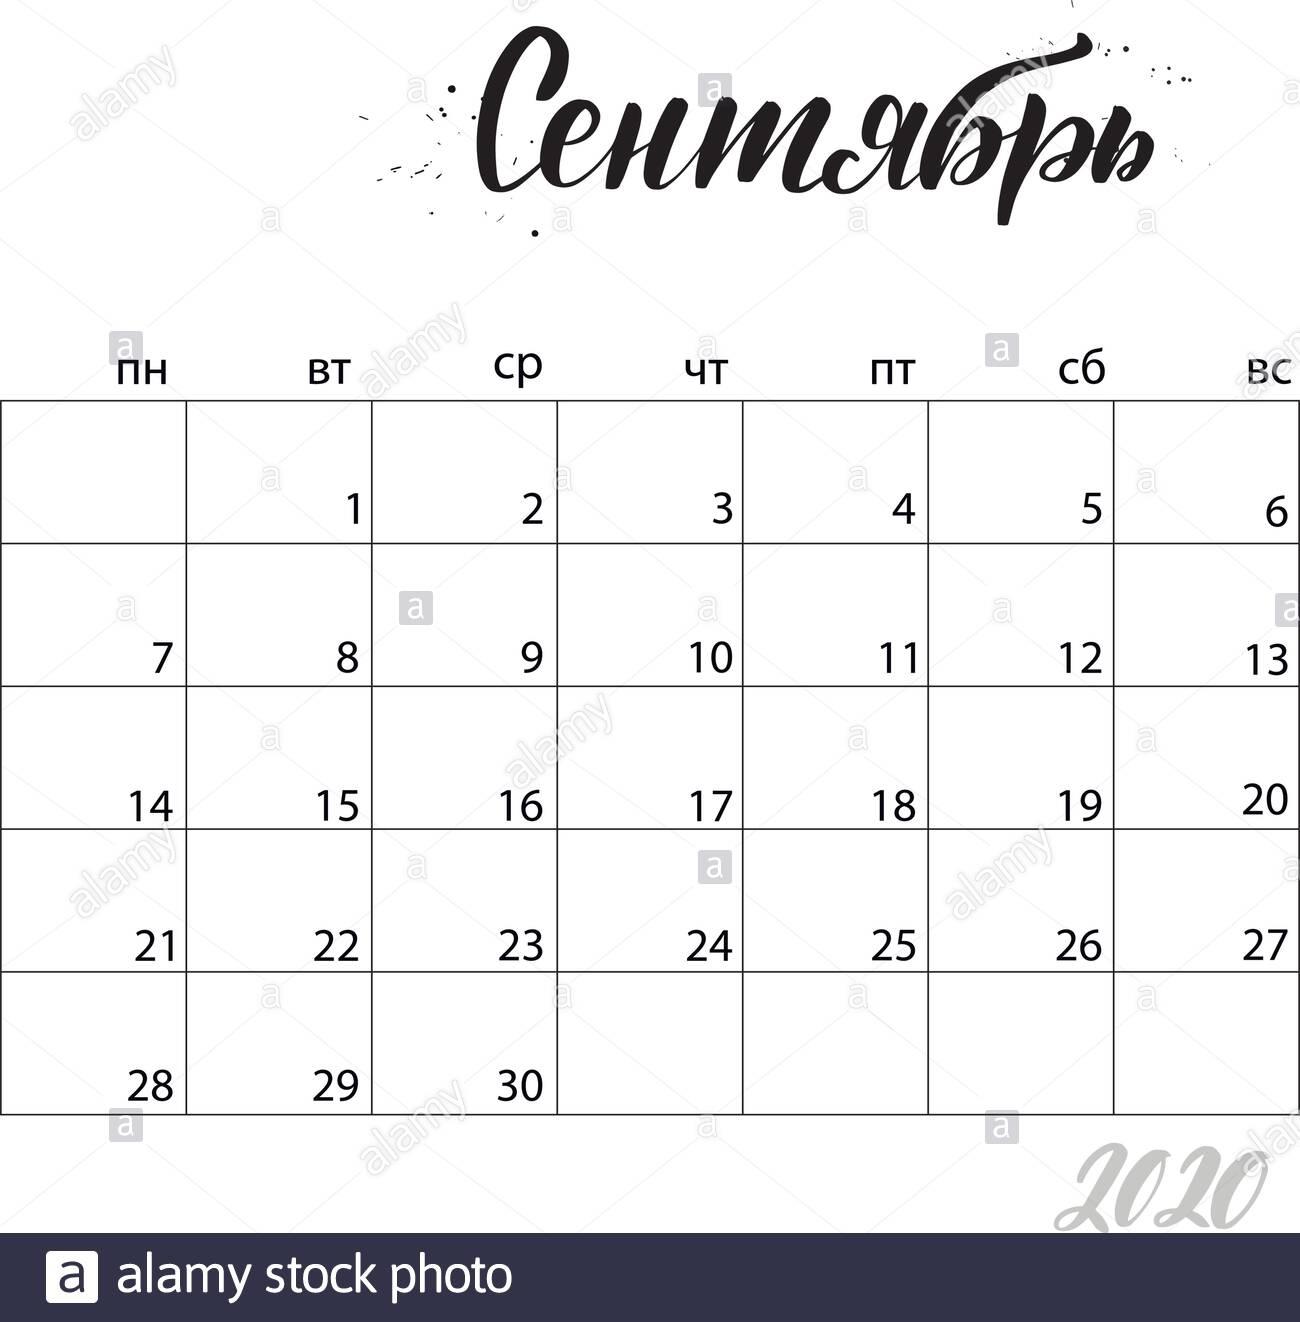 Get 12Th September 2021 Julian Date